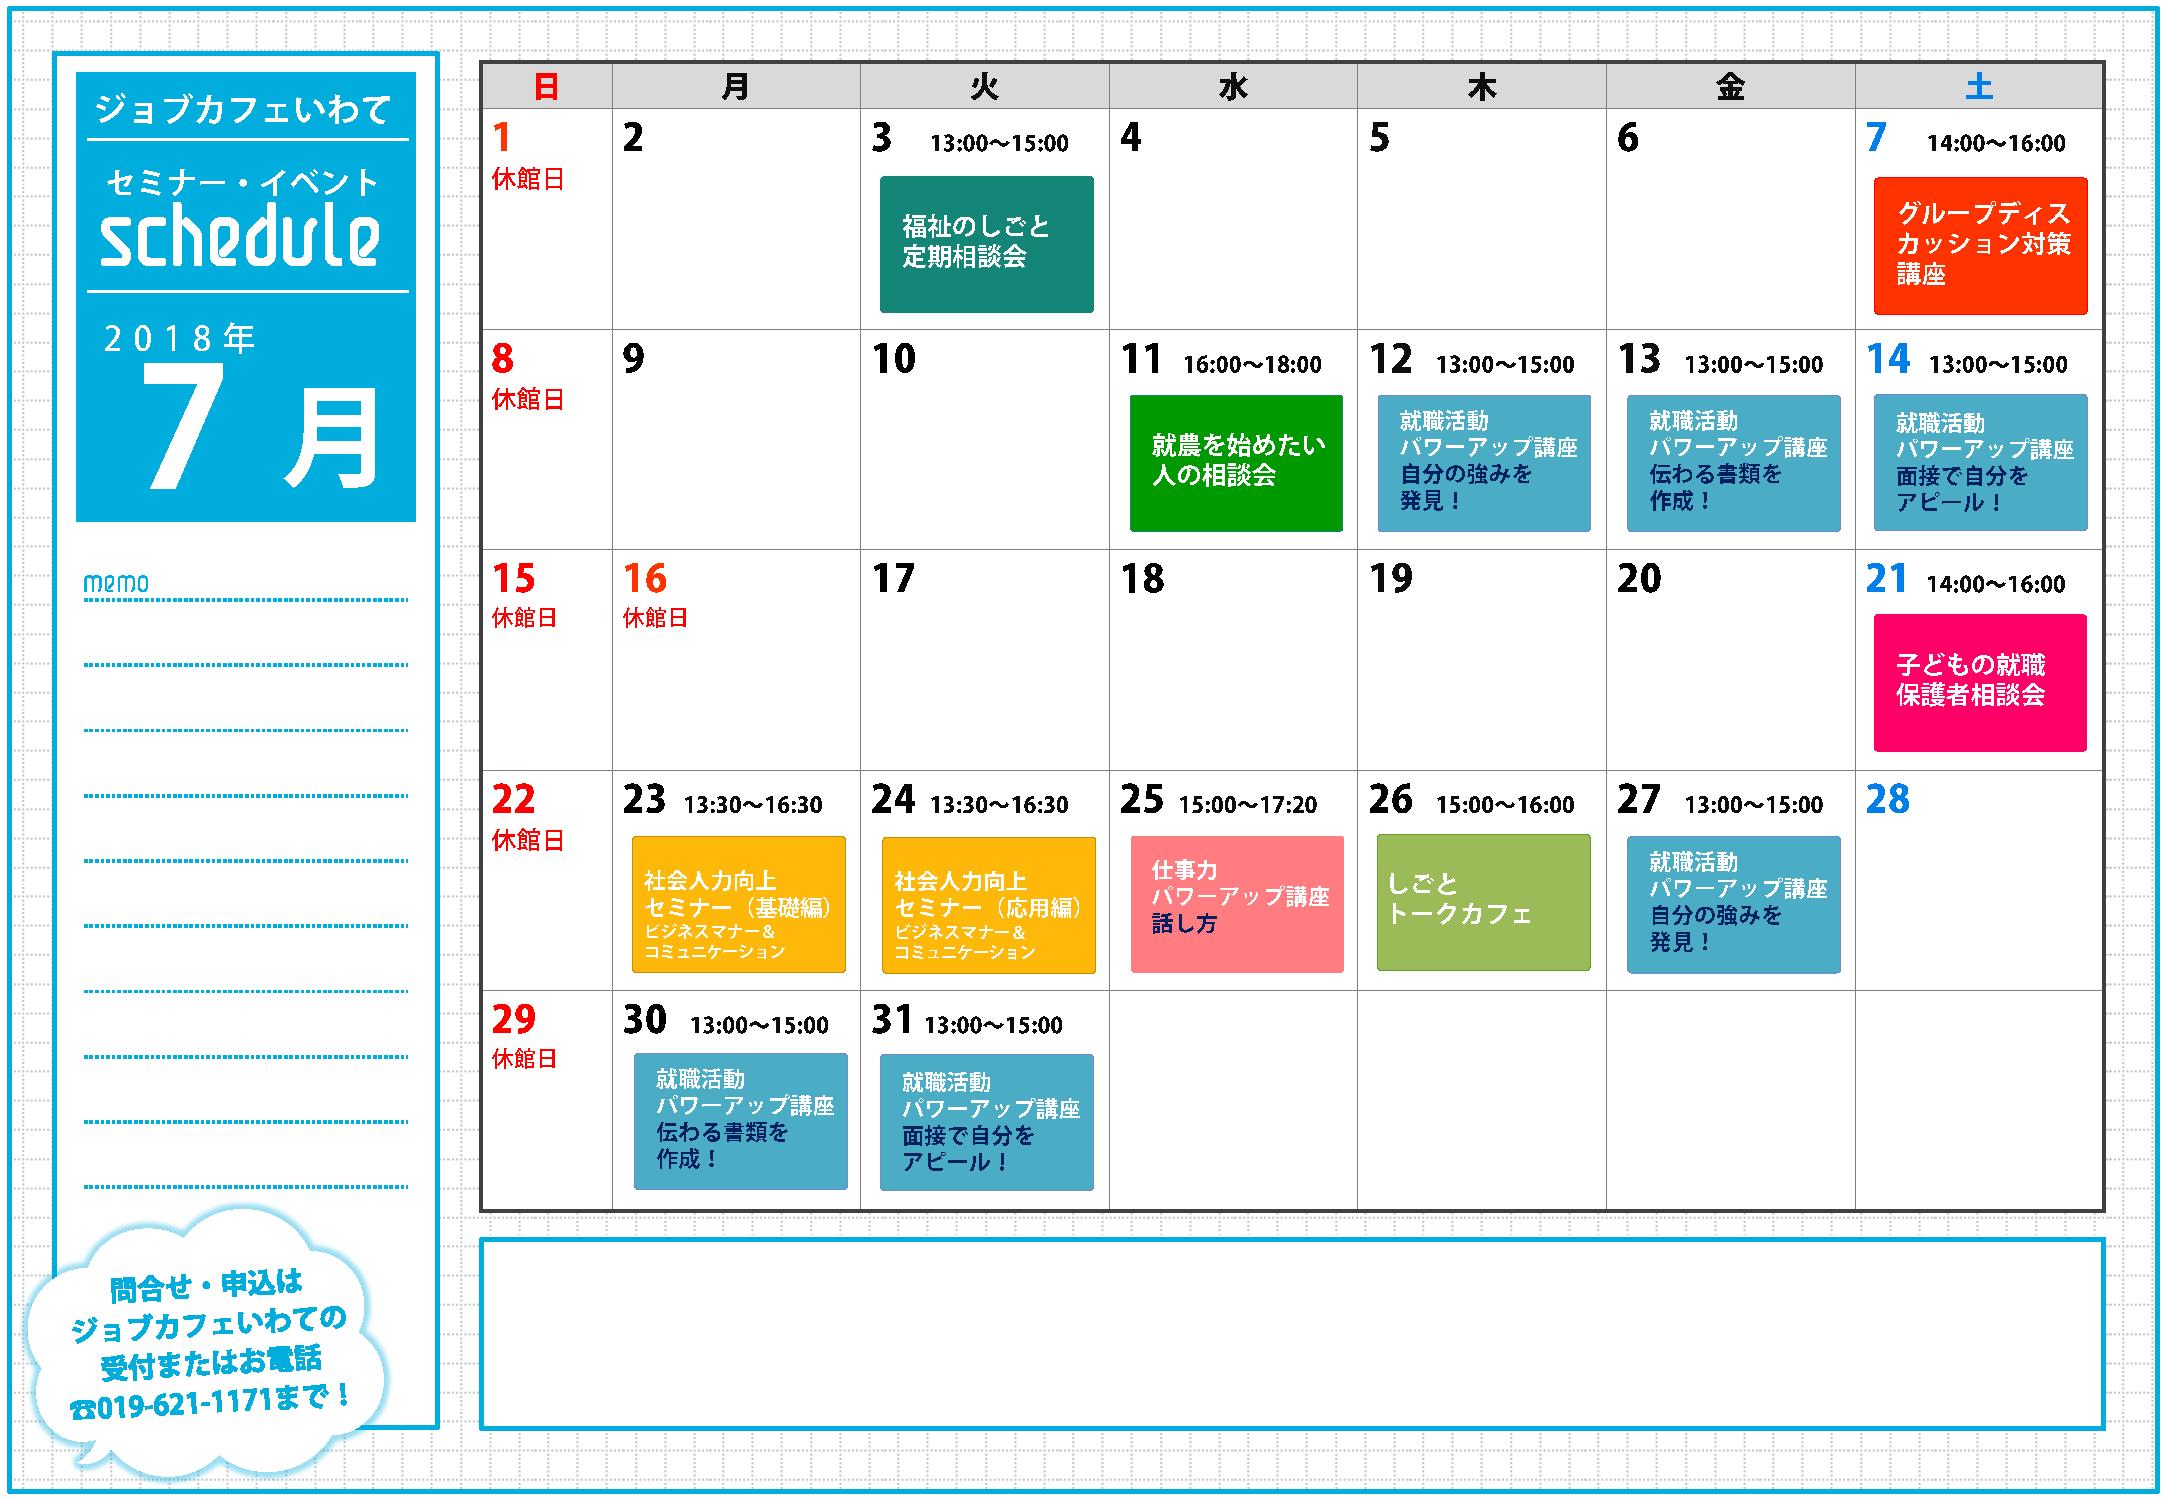 【カラー印刷用】セミナーイベント月毎スケジュールシート7月